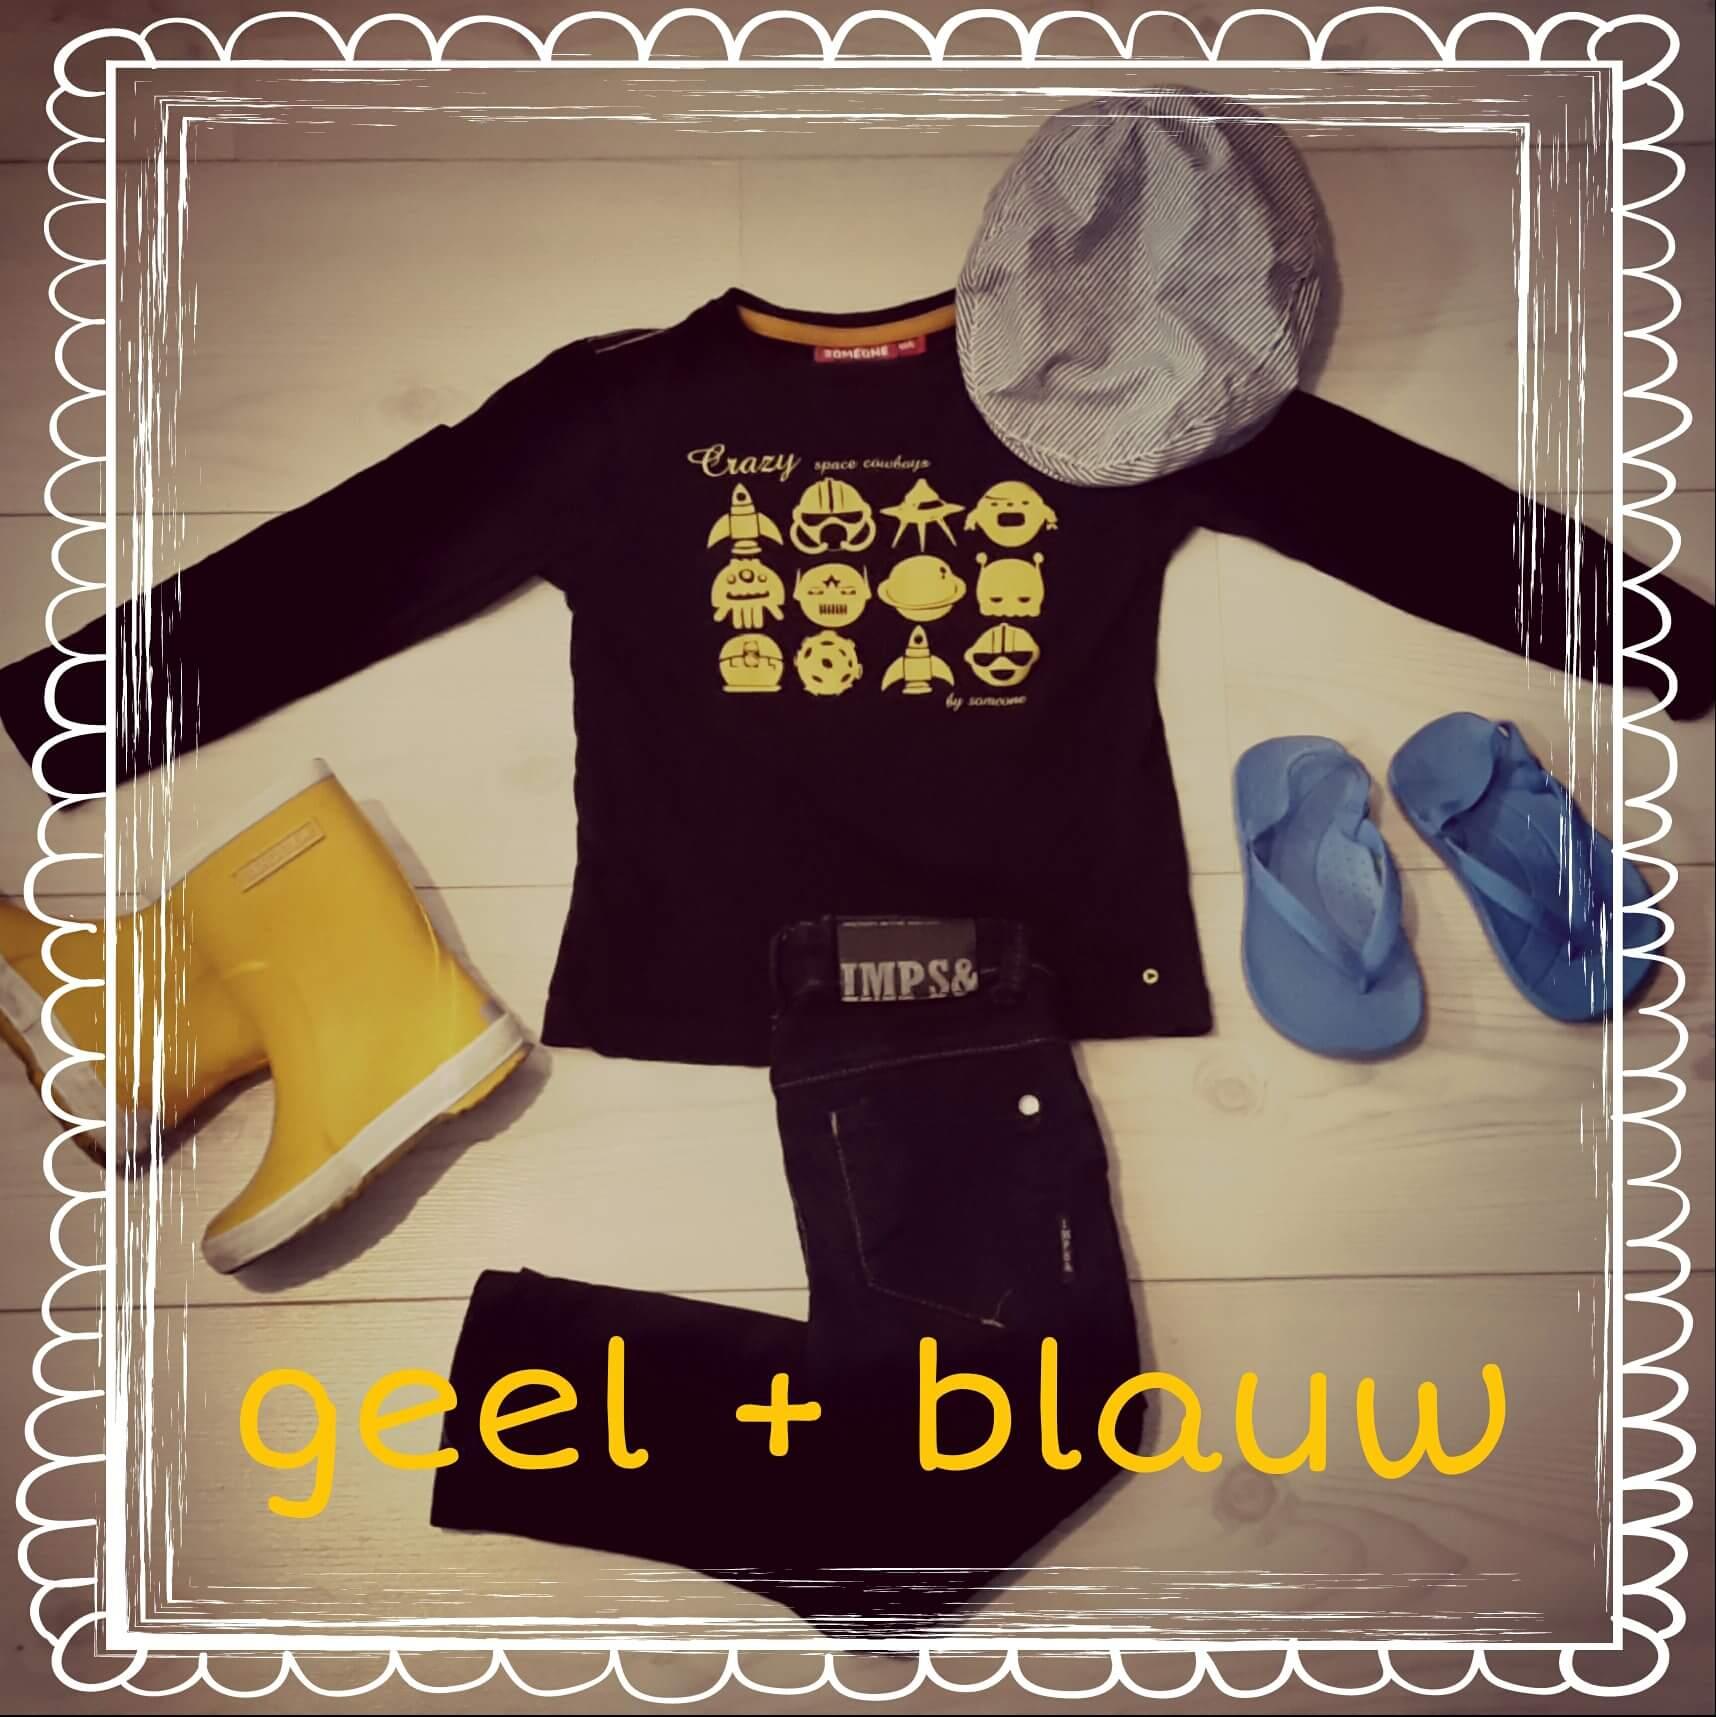 Stoere outfits in blauw + geel voor jongens en meisjes